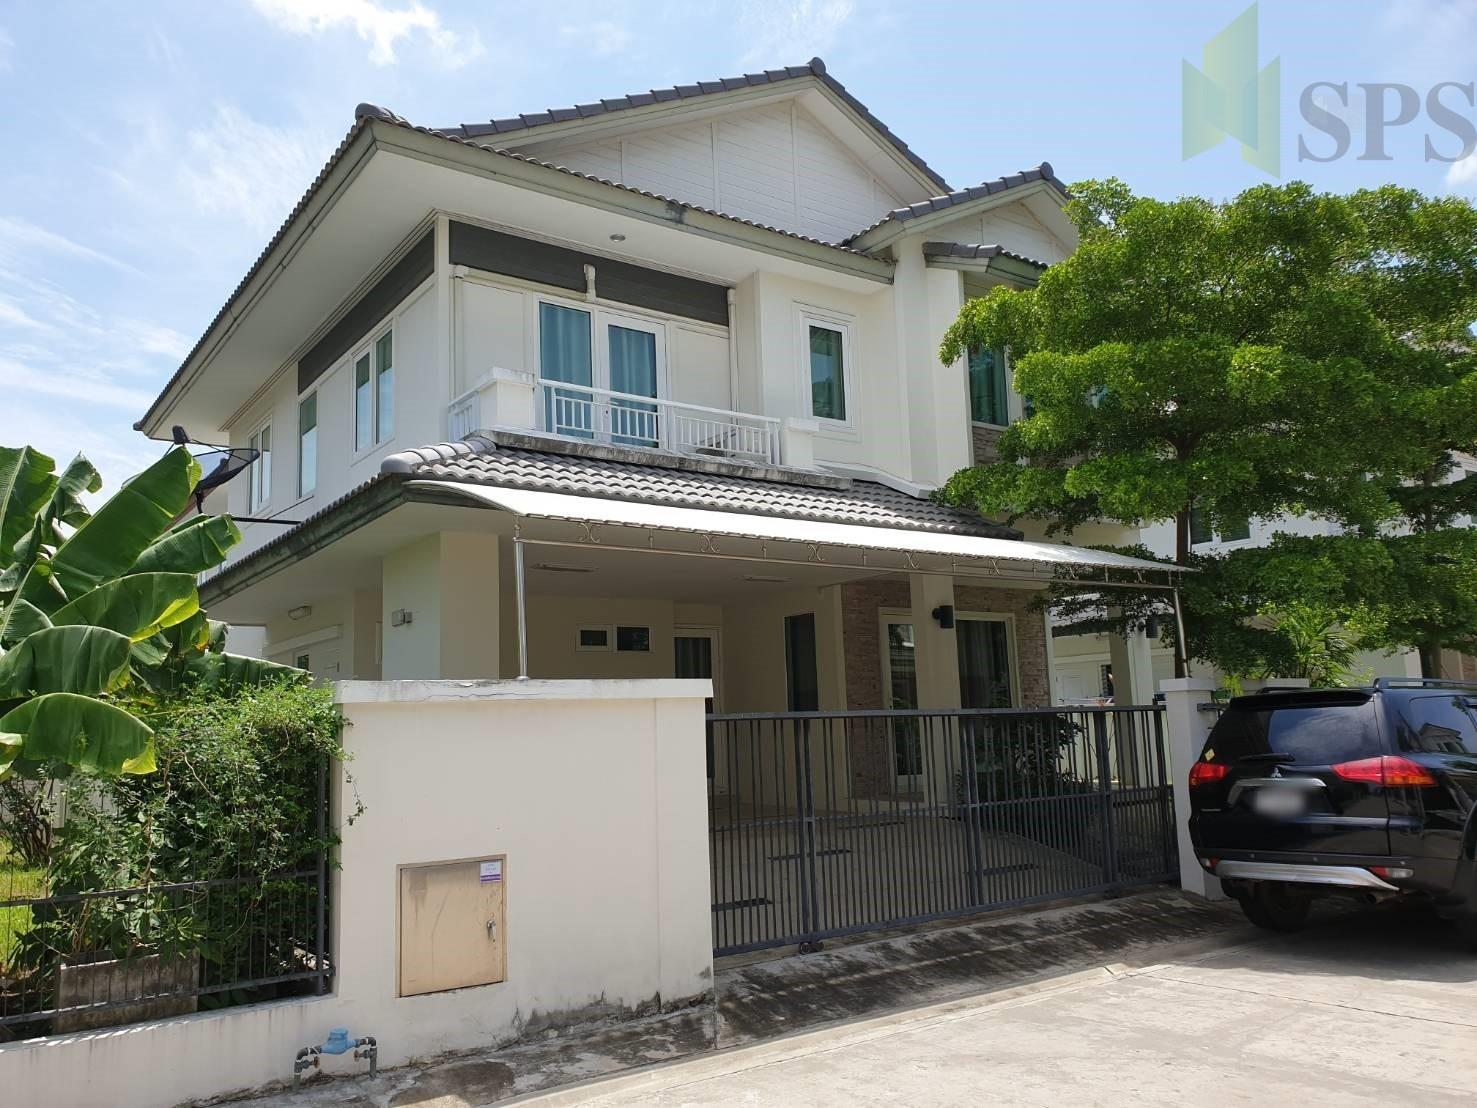 For Sale Single House 3 beds Mantana Bangna KM.12 (SPS-GH162)